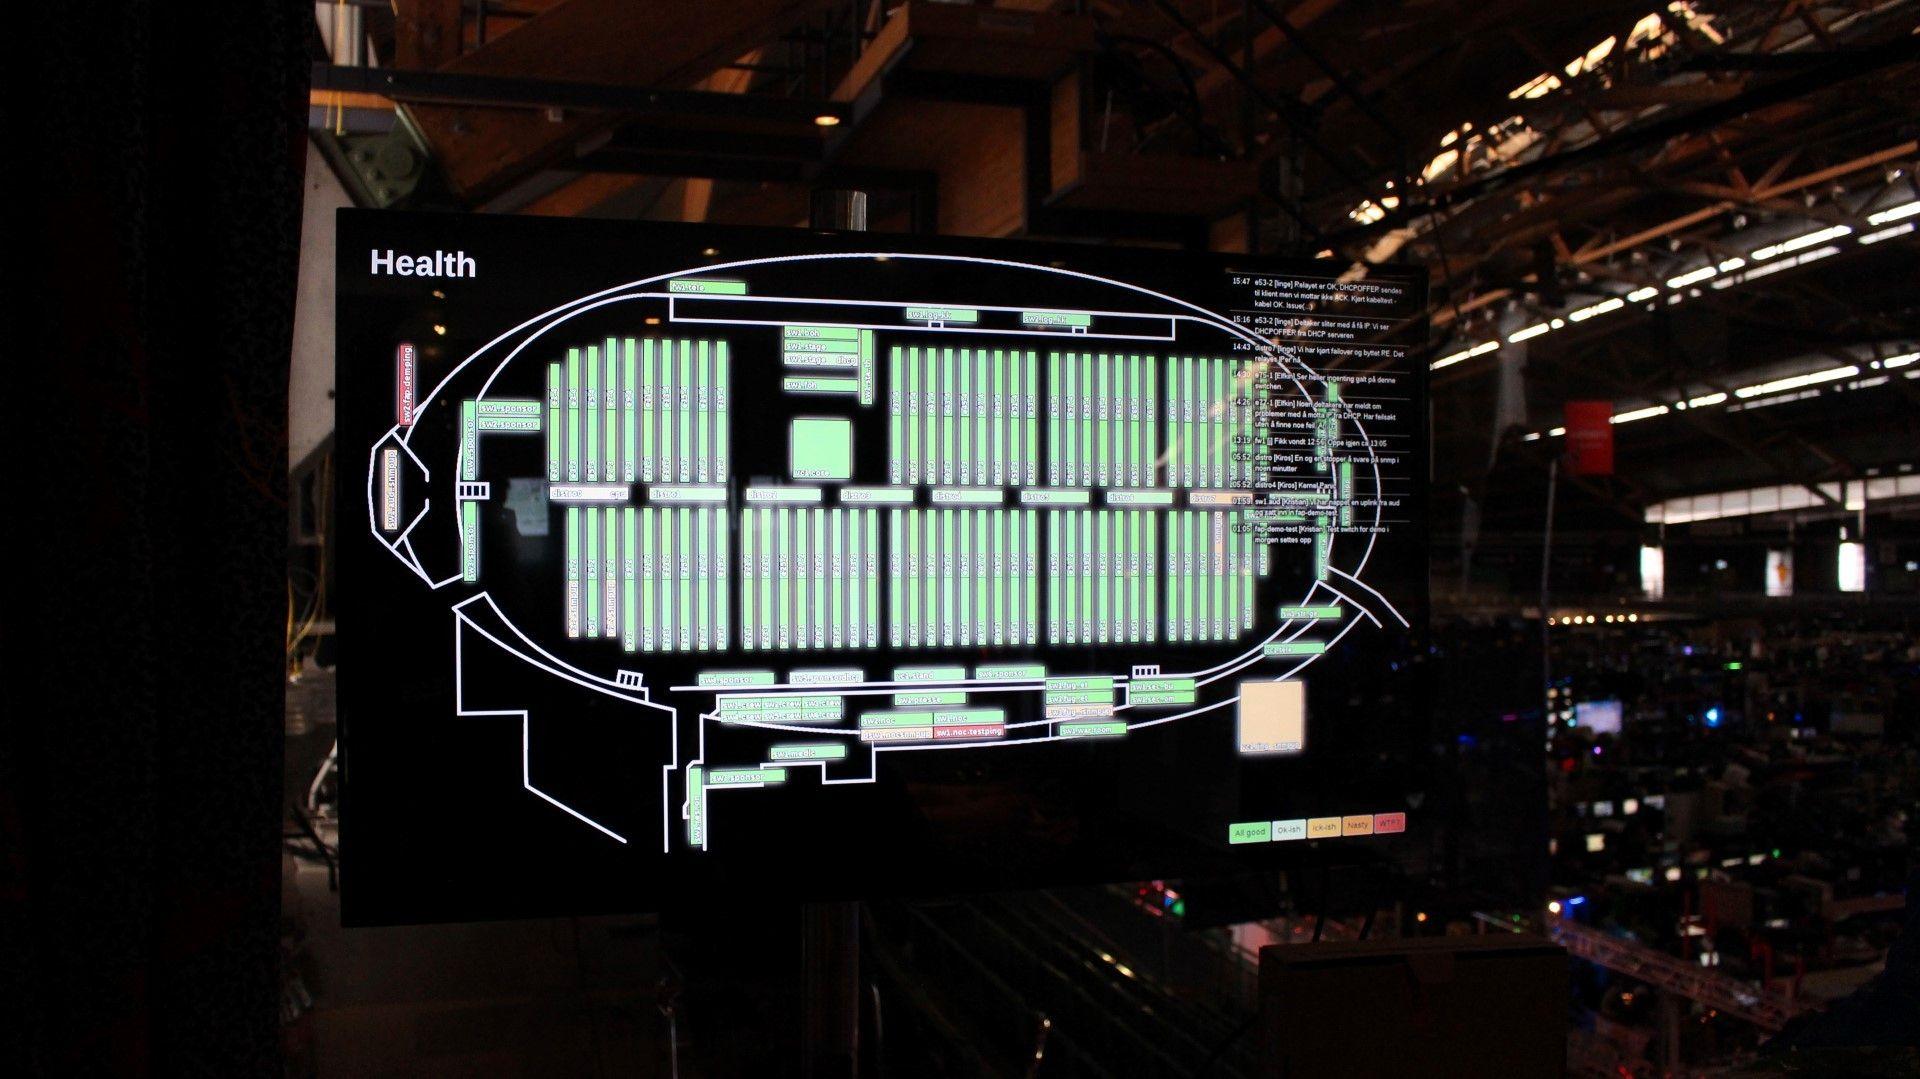 I glassburet hvor nettverksansvarlige holder til er det en svær monitor med oversikt over nettverkets helse til enhver tid.